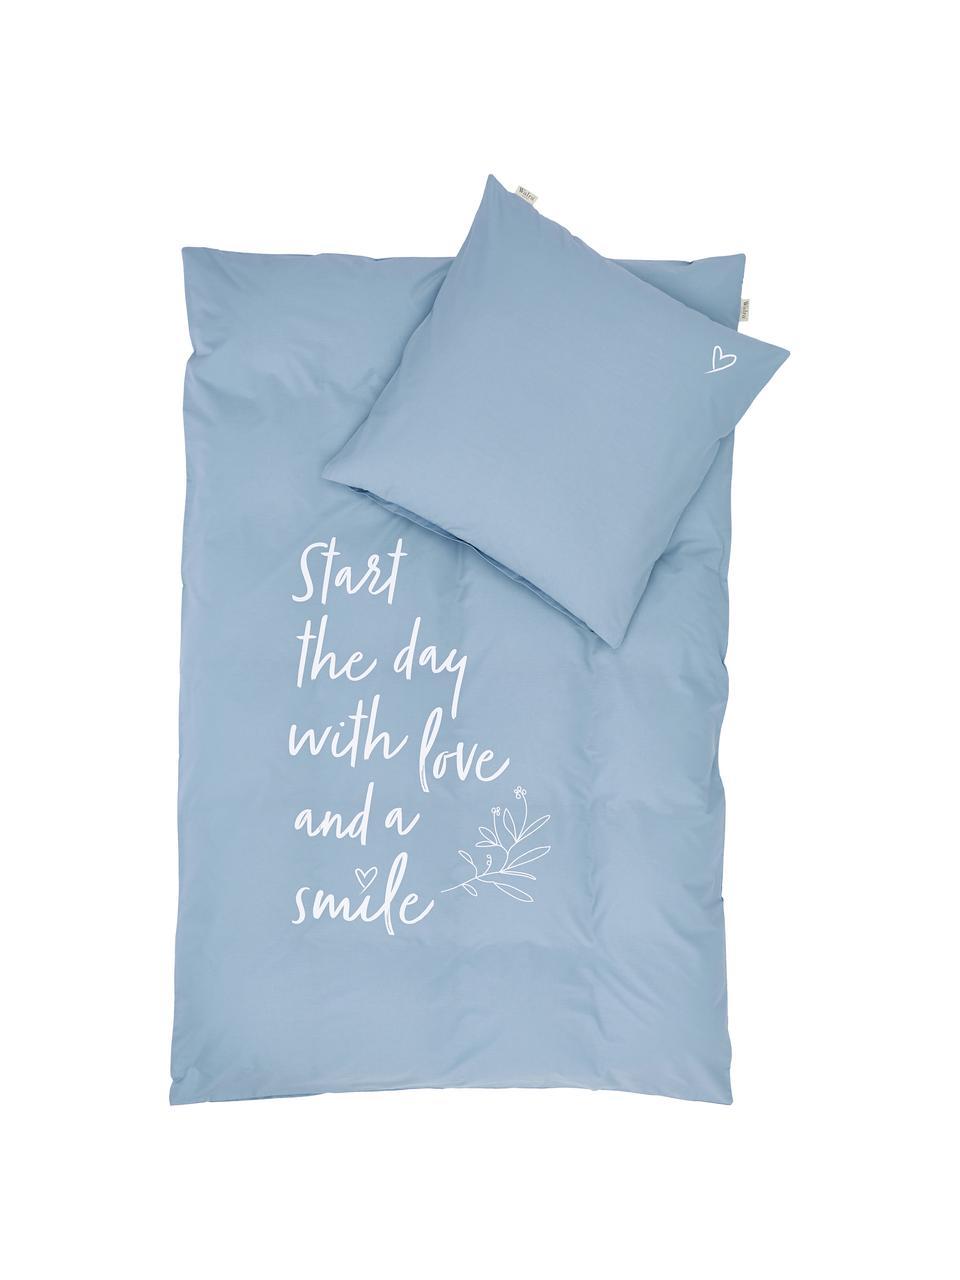 Baumwoll-Bettwäsche Smile with Love mit Schriftzug, Webart: Renforcé Fadendichte 144 , Blau, Weiß, 155 x 220 cm + 1 Kissen 80 x 80 cm